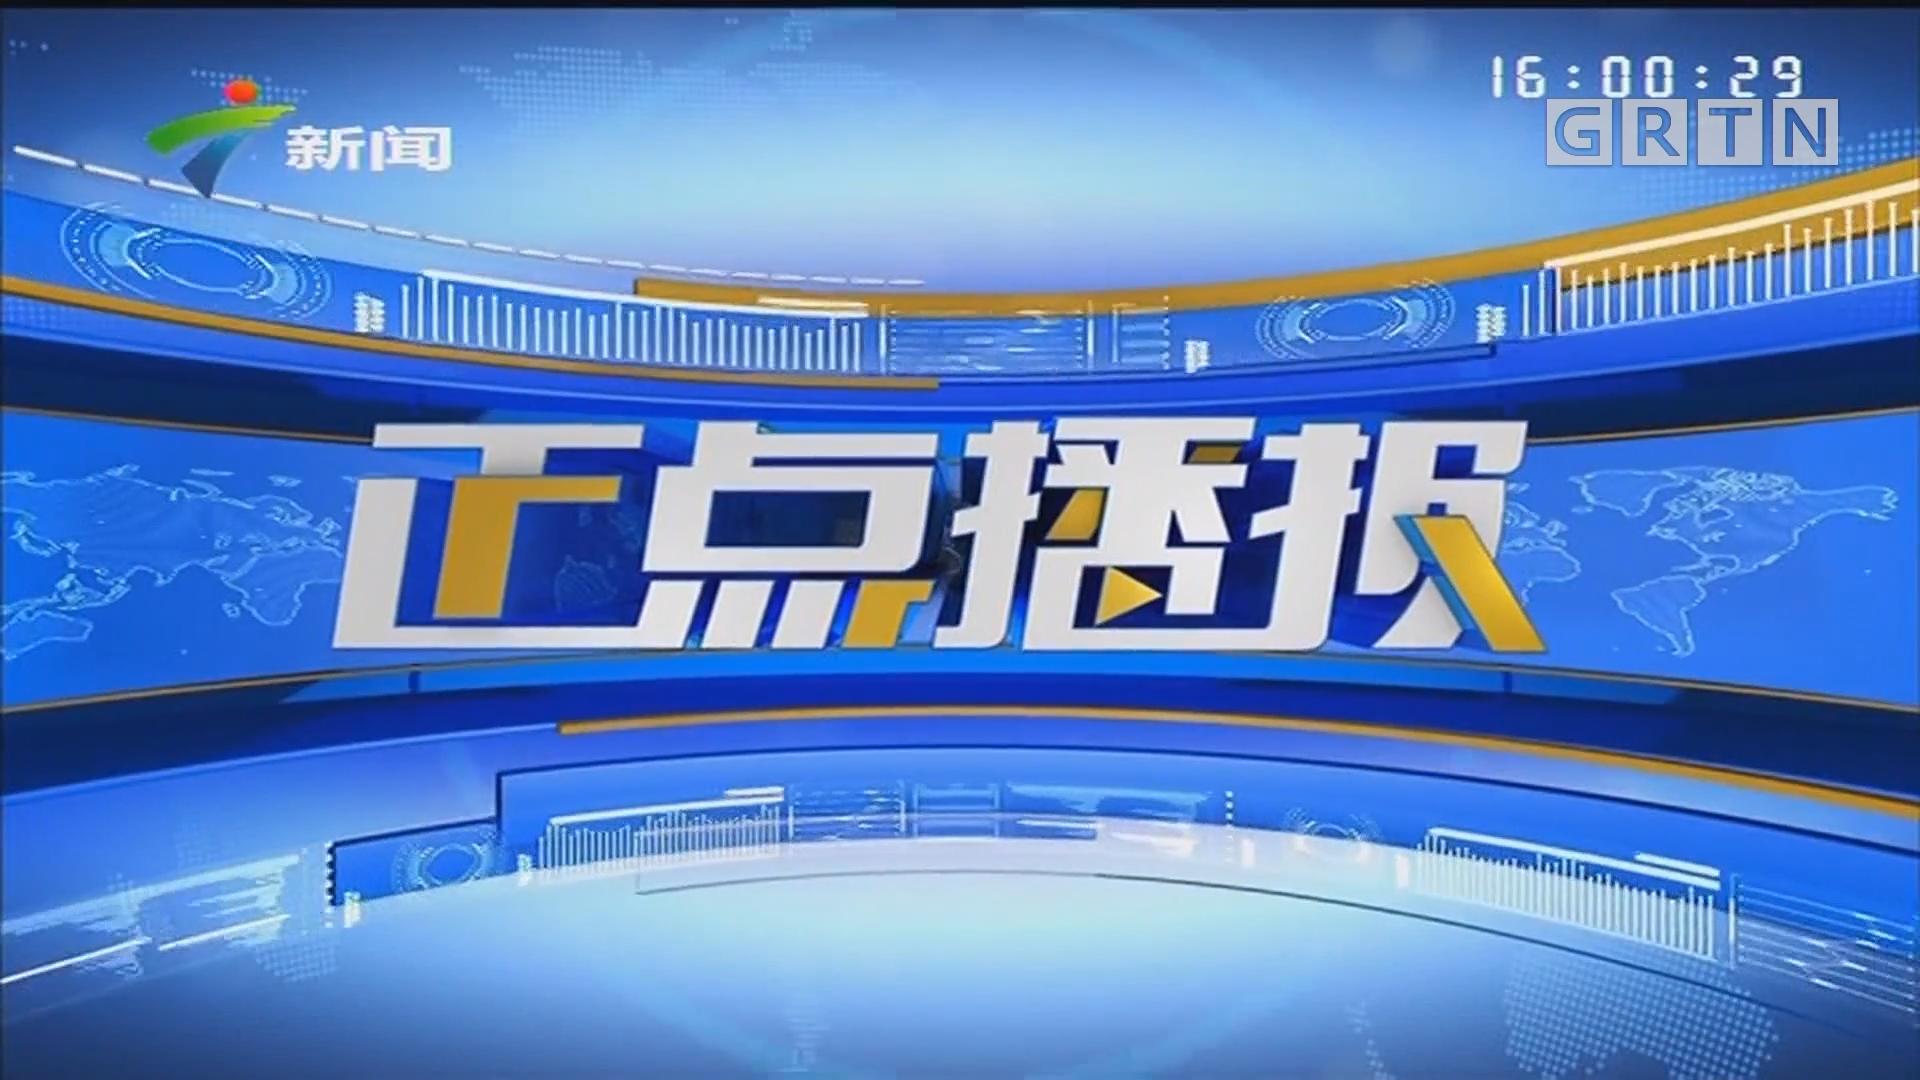 [HD][2019-10-03]正点播报:深圳:国际电玩节人气旺 动画展回顾新中国70年动漫发展历程